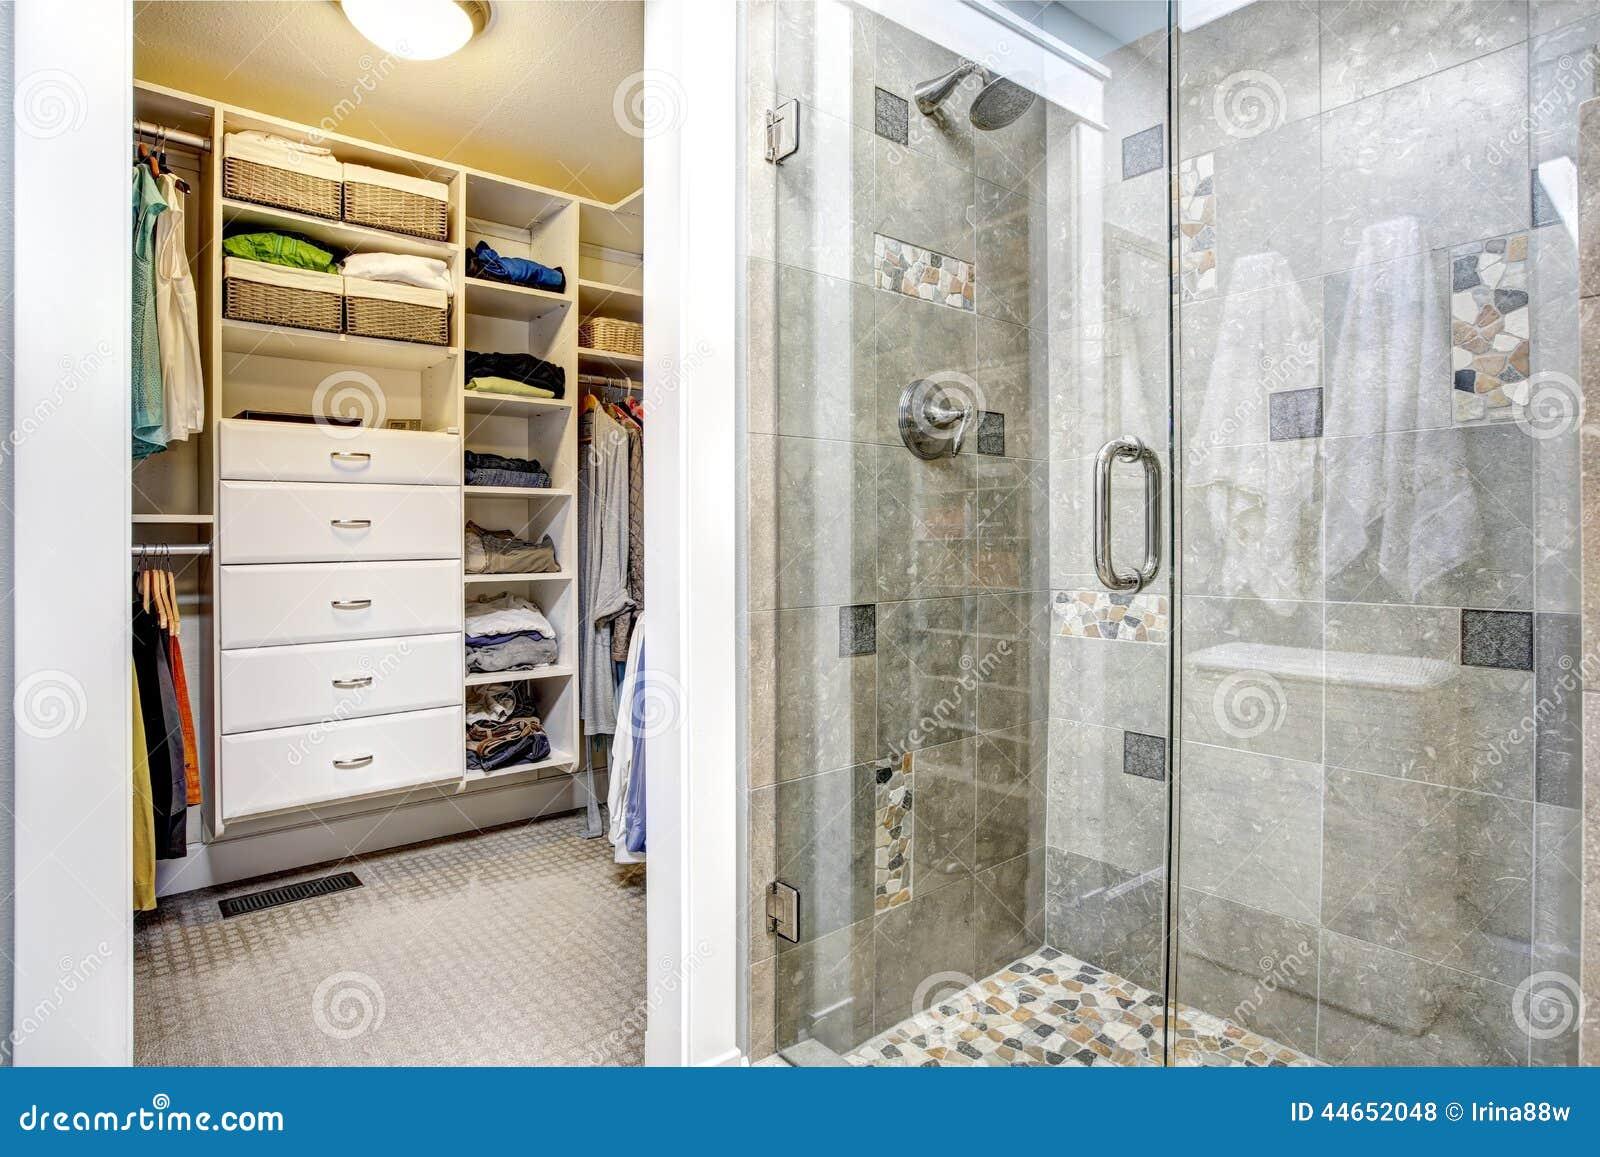 Baños Modernos Con Vestidor:Modern Bathroom with Walk-In Closet